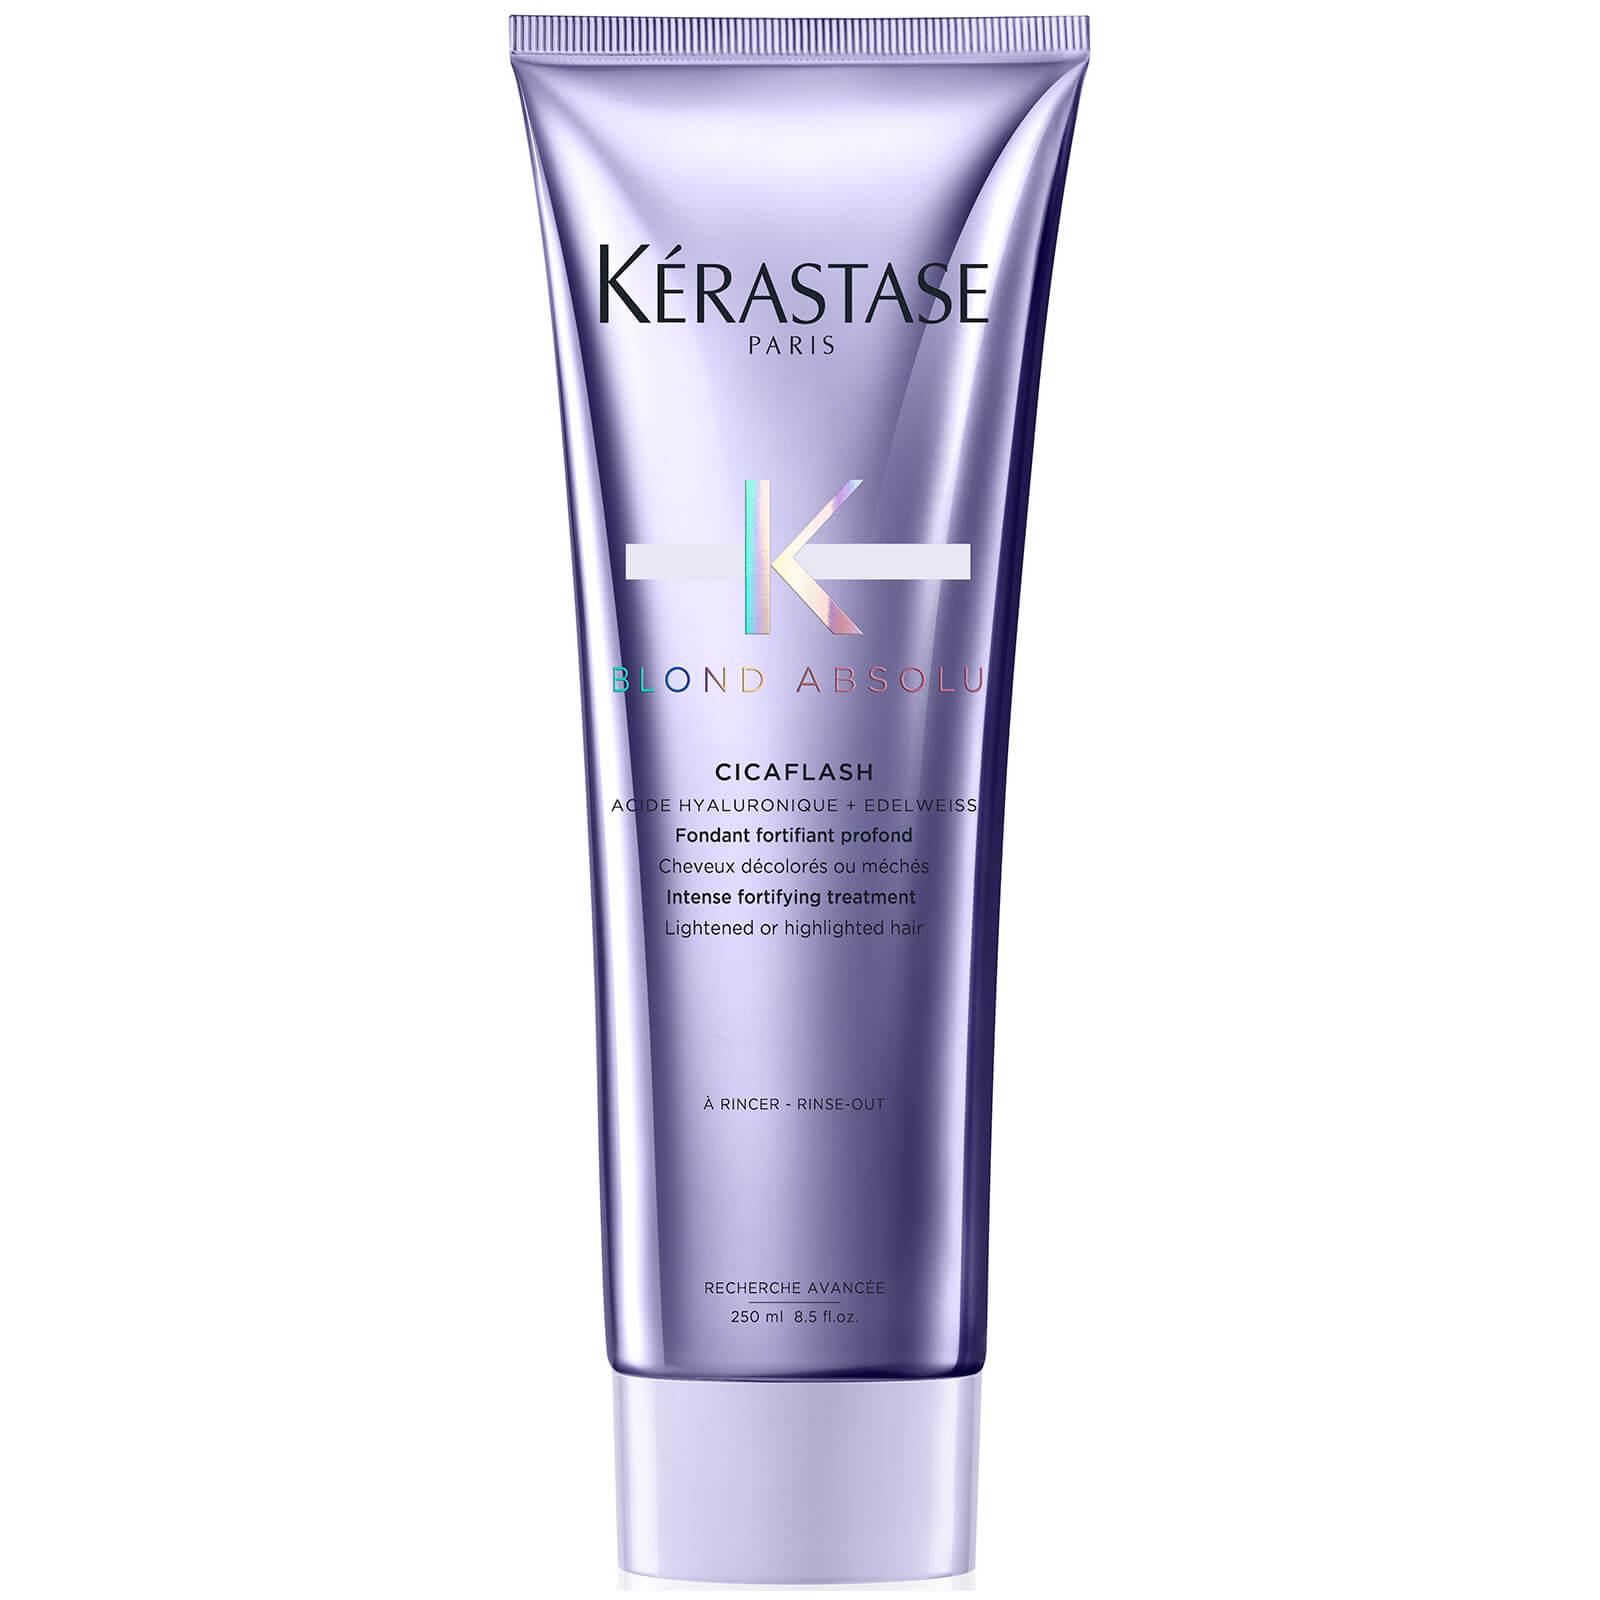 Kérastase Blond Absolu Cicaflash Treatment 250ml